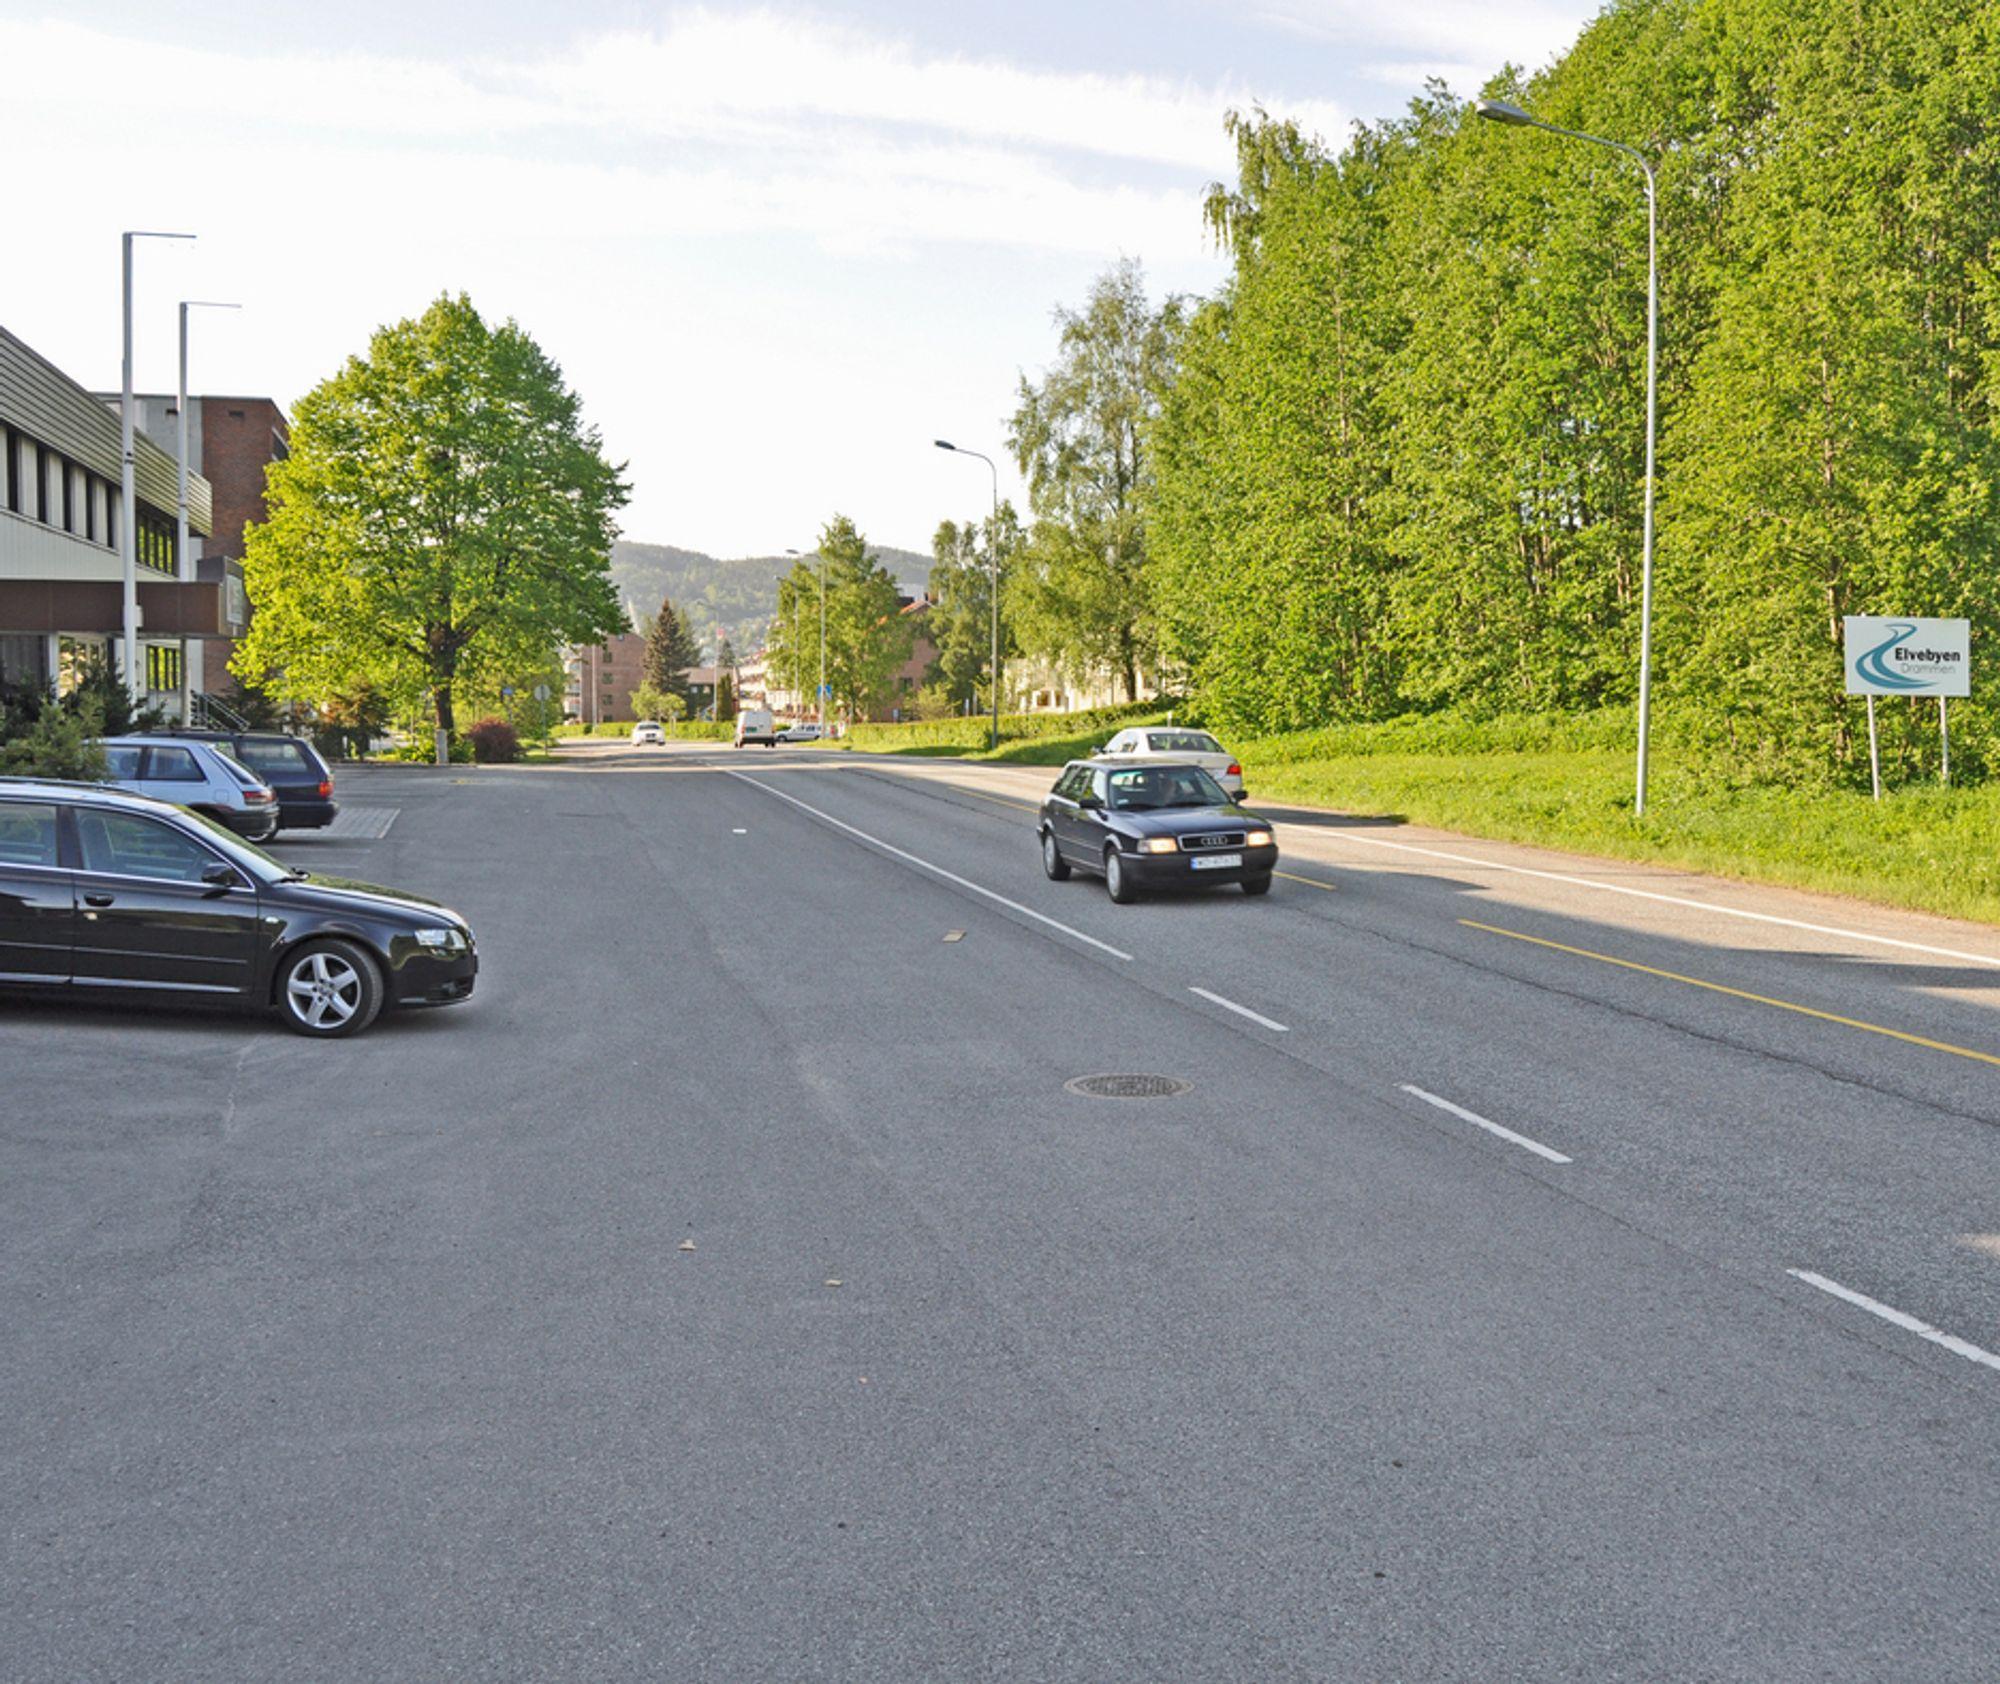 Vestsiden av Holmestrandveien bærer preg av minimal omtanke for myke trafikanter. Noen steder går parkeringsplasser og industriområder i ett med kjørebanen. I september neste år blir det mye bedre.